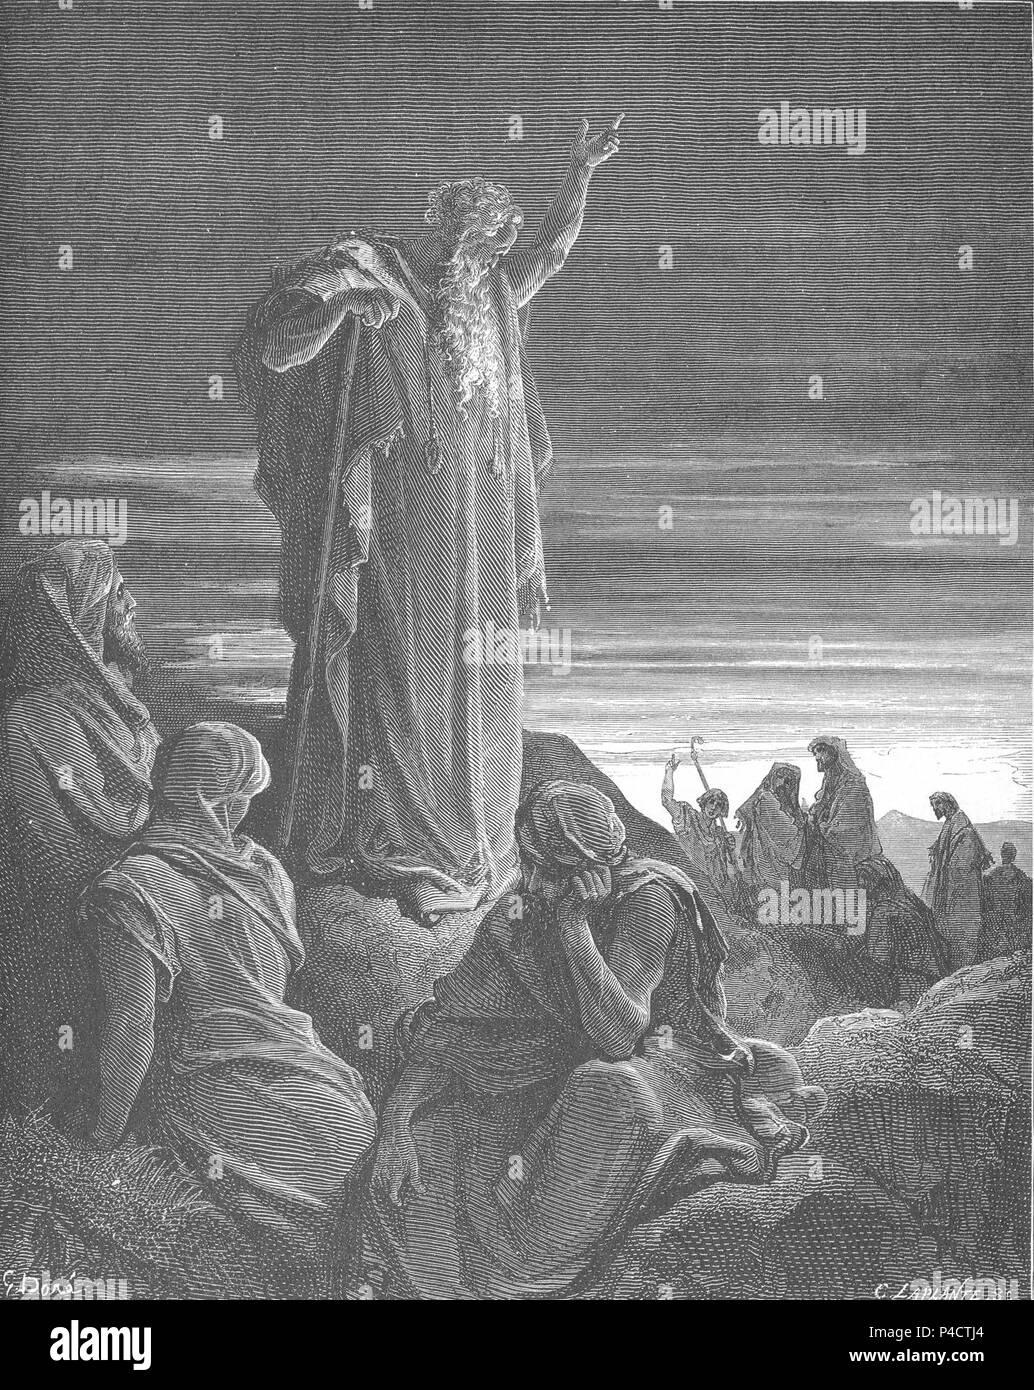 126.The Prophet Ezekiel. - Stock Image